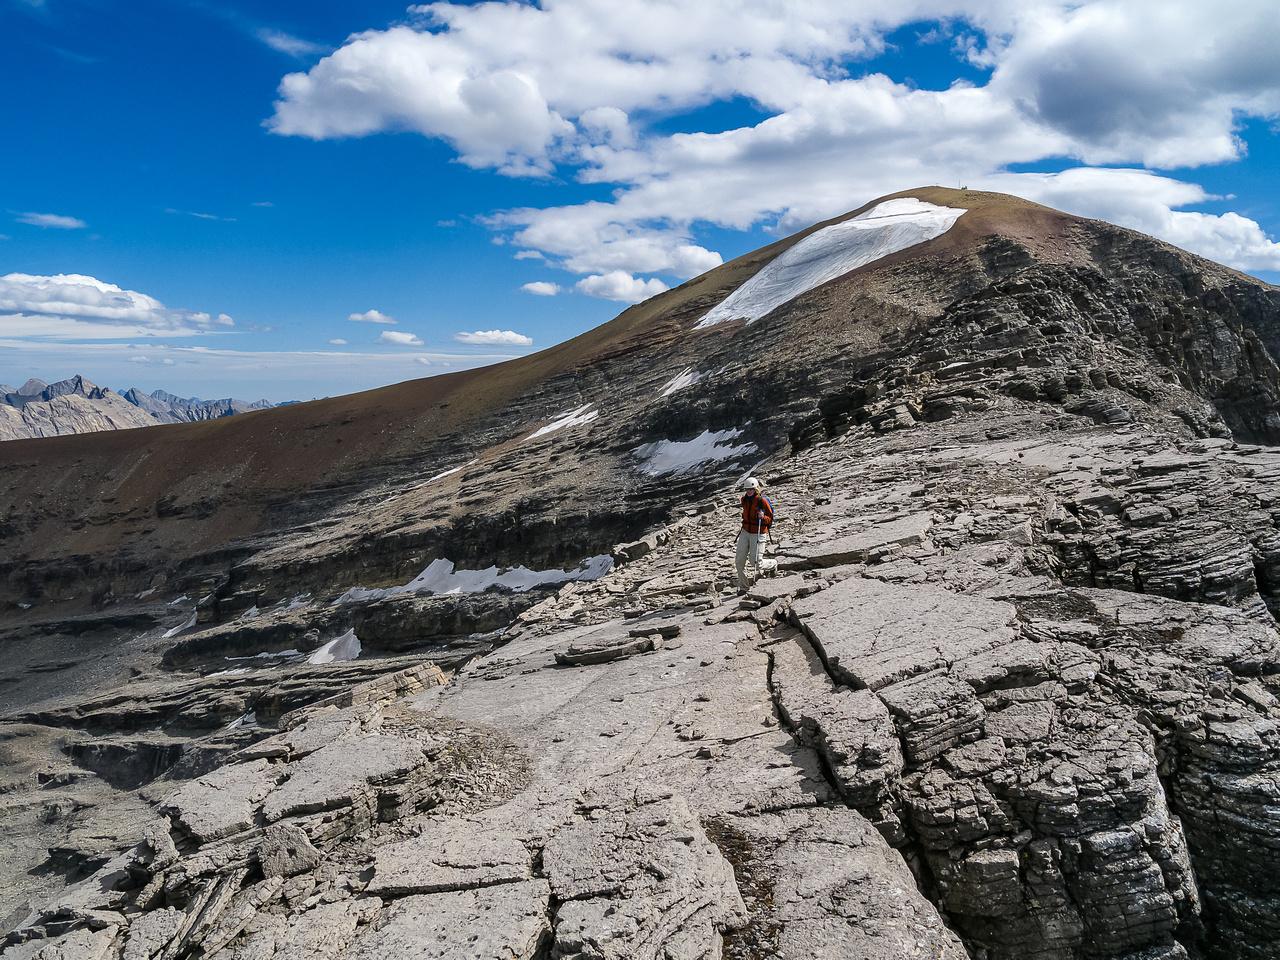 Descending the north ridge.